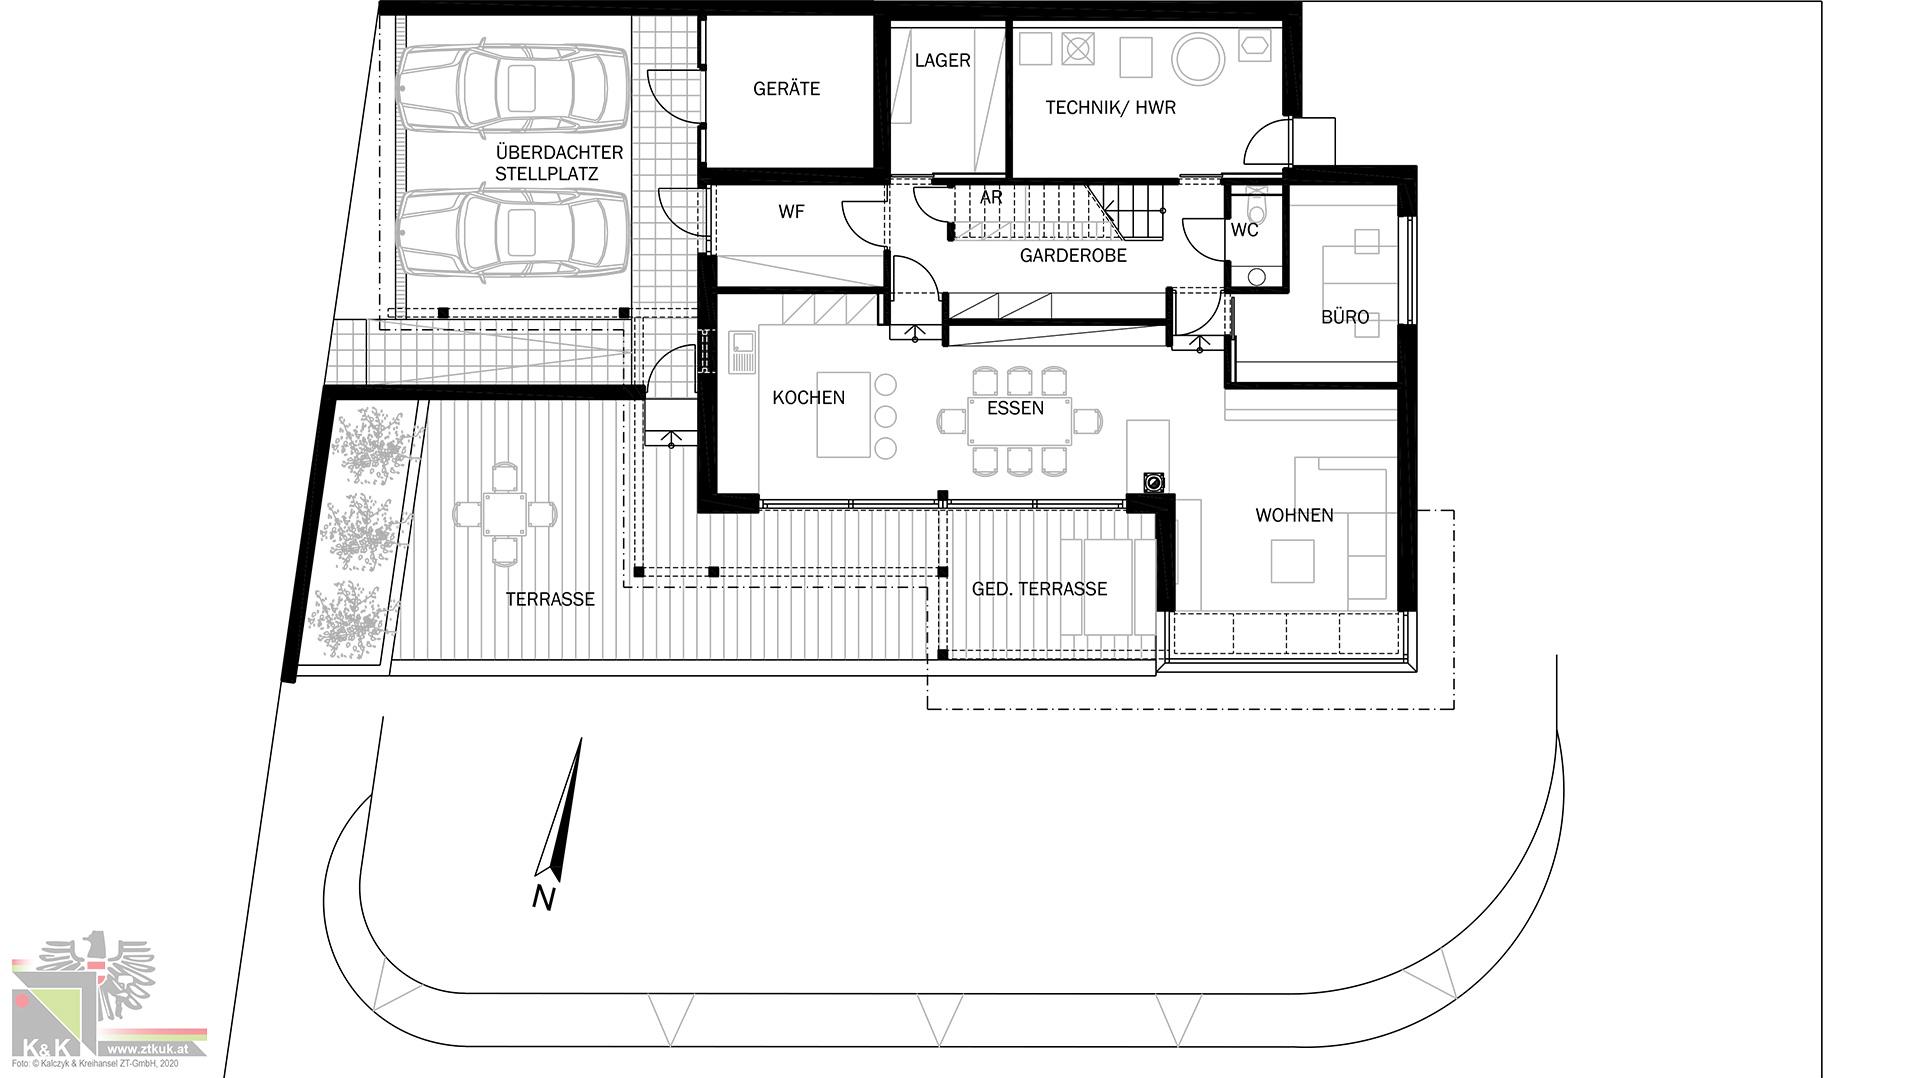 Einfamilienhaus in Holsbauweise - Erdgeschoss